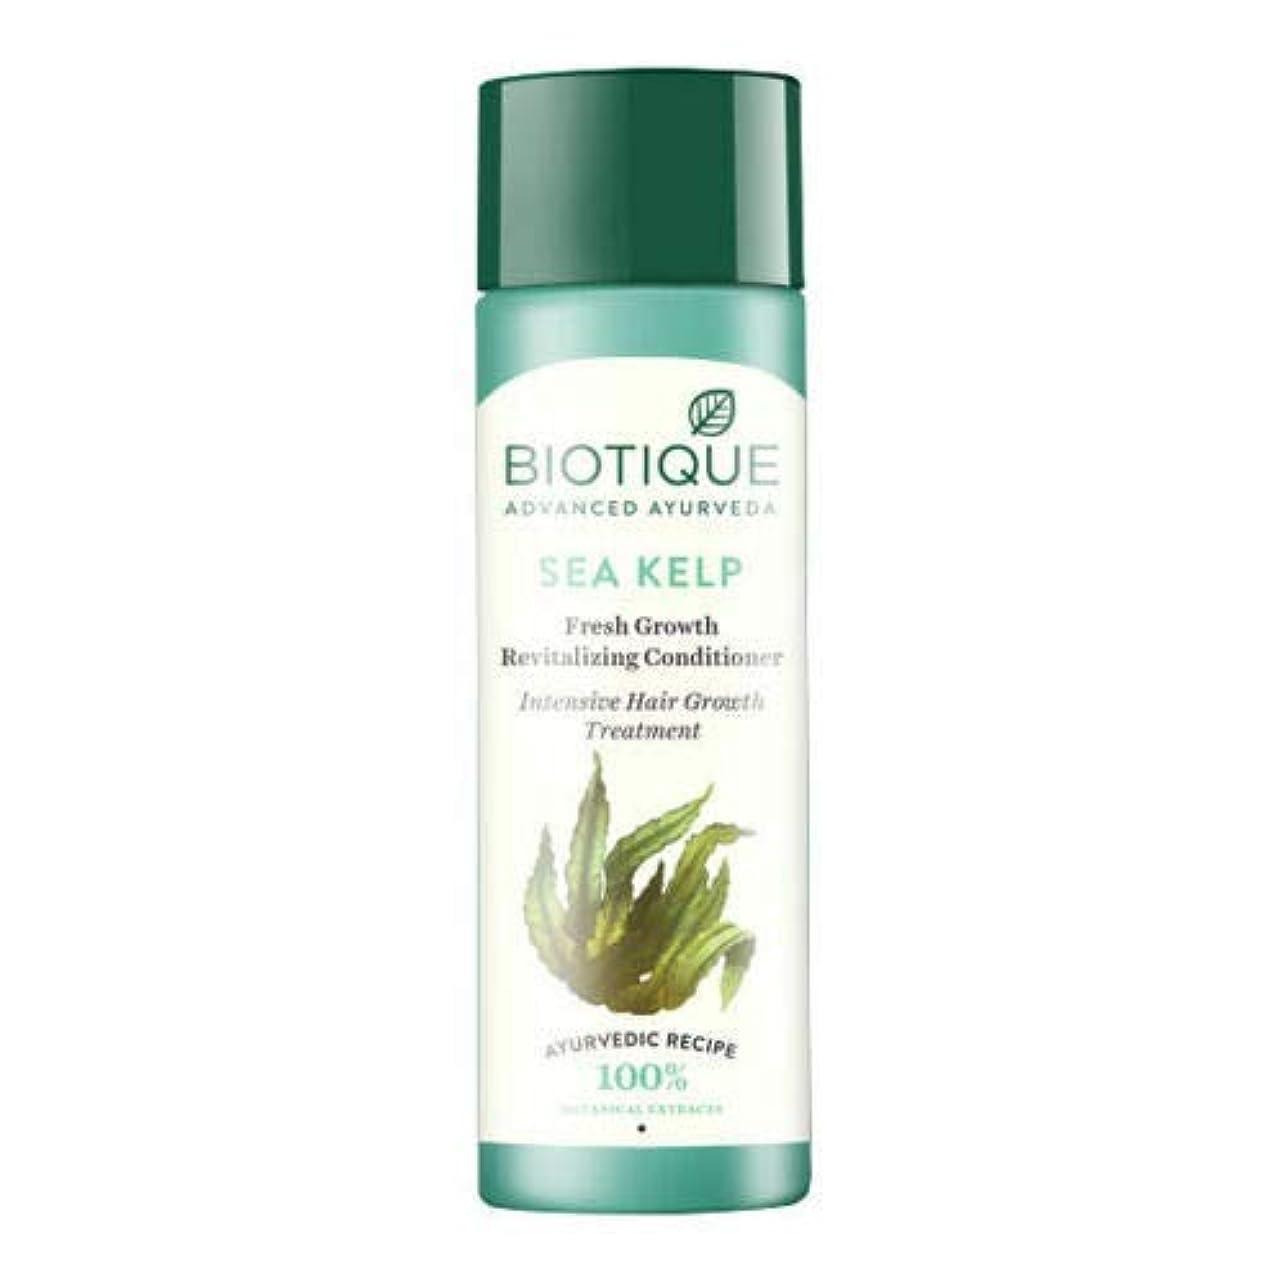 算術乳白今後Biotique Bio Sea Kelp Fresh Growth Revitalizing Conditioner (120 ml) hair Growth Biotiqueバイオシーケルプフレッシュグロースリジュライジングコンディショナー育毛